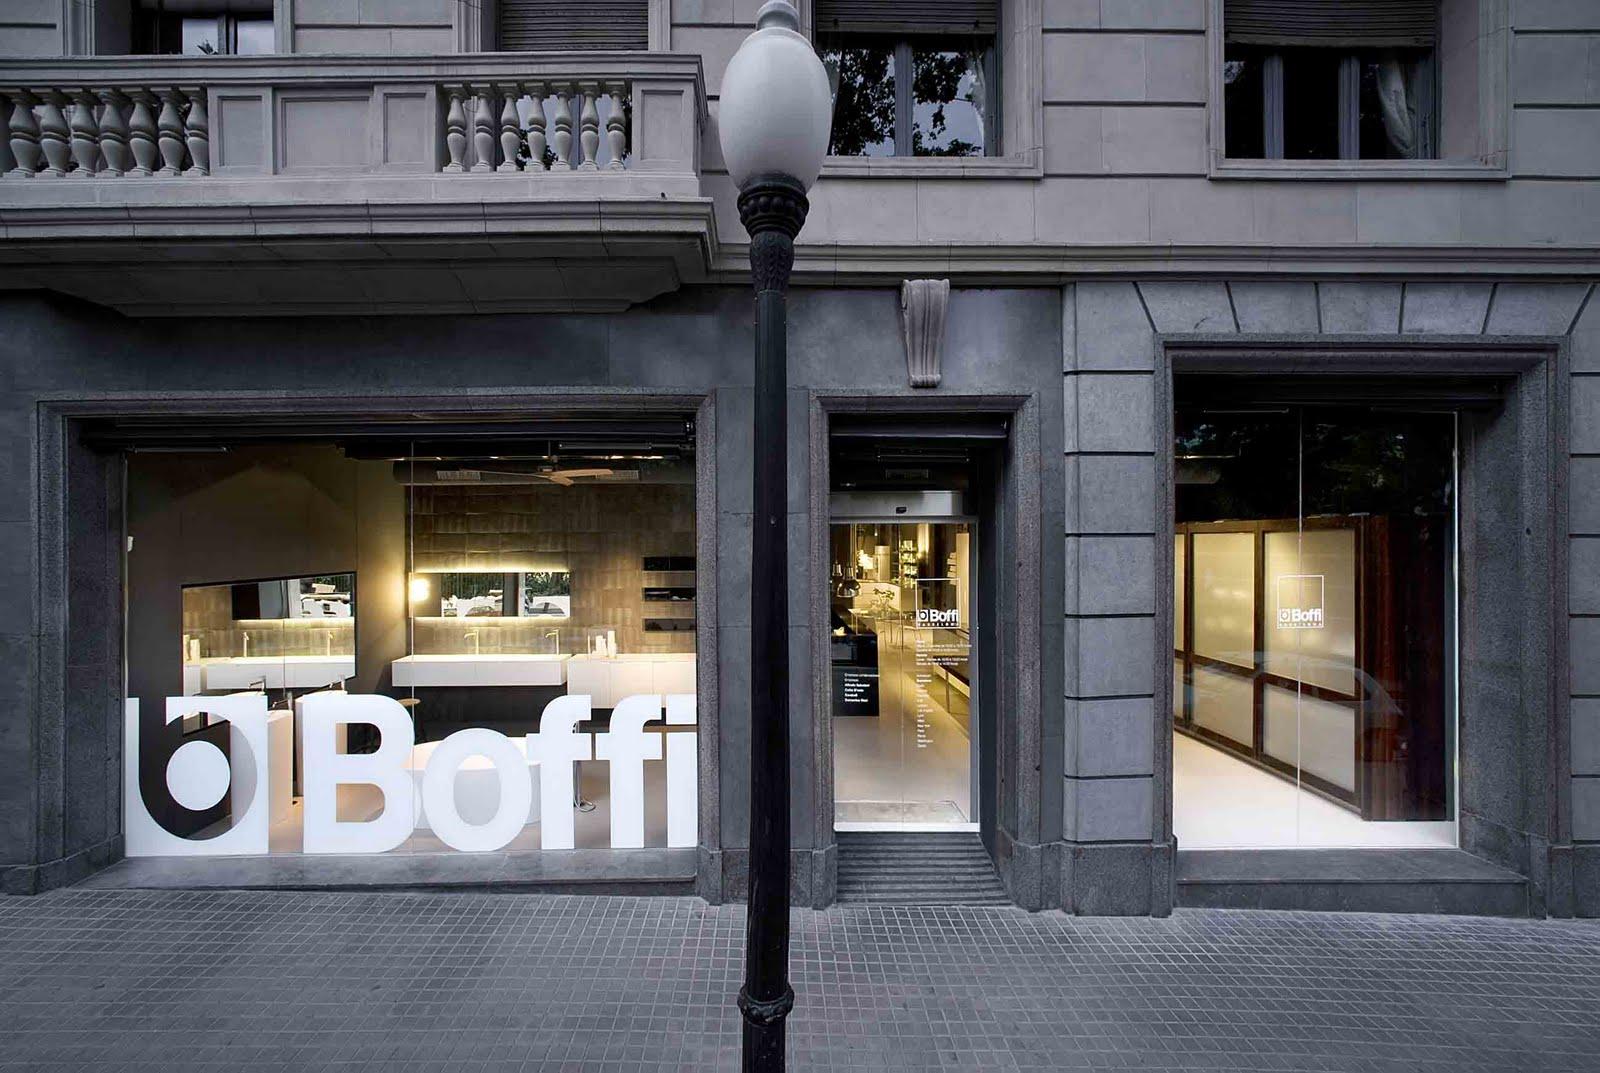 La firma italiana Boffi abre su primera tienda propia en España